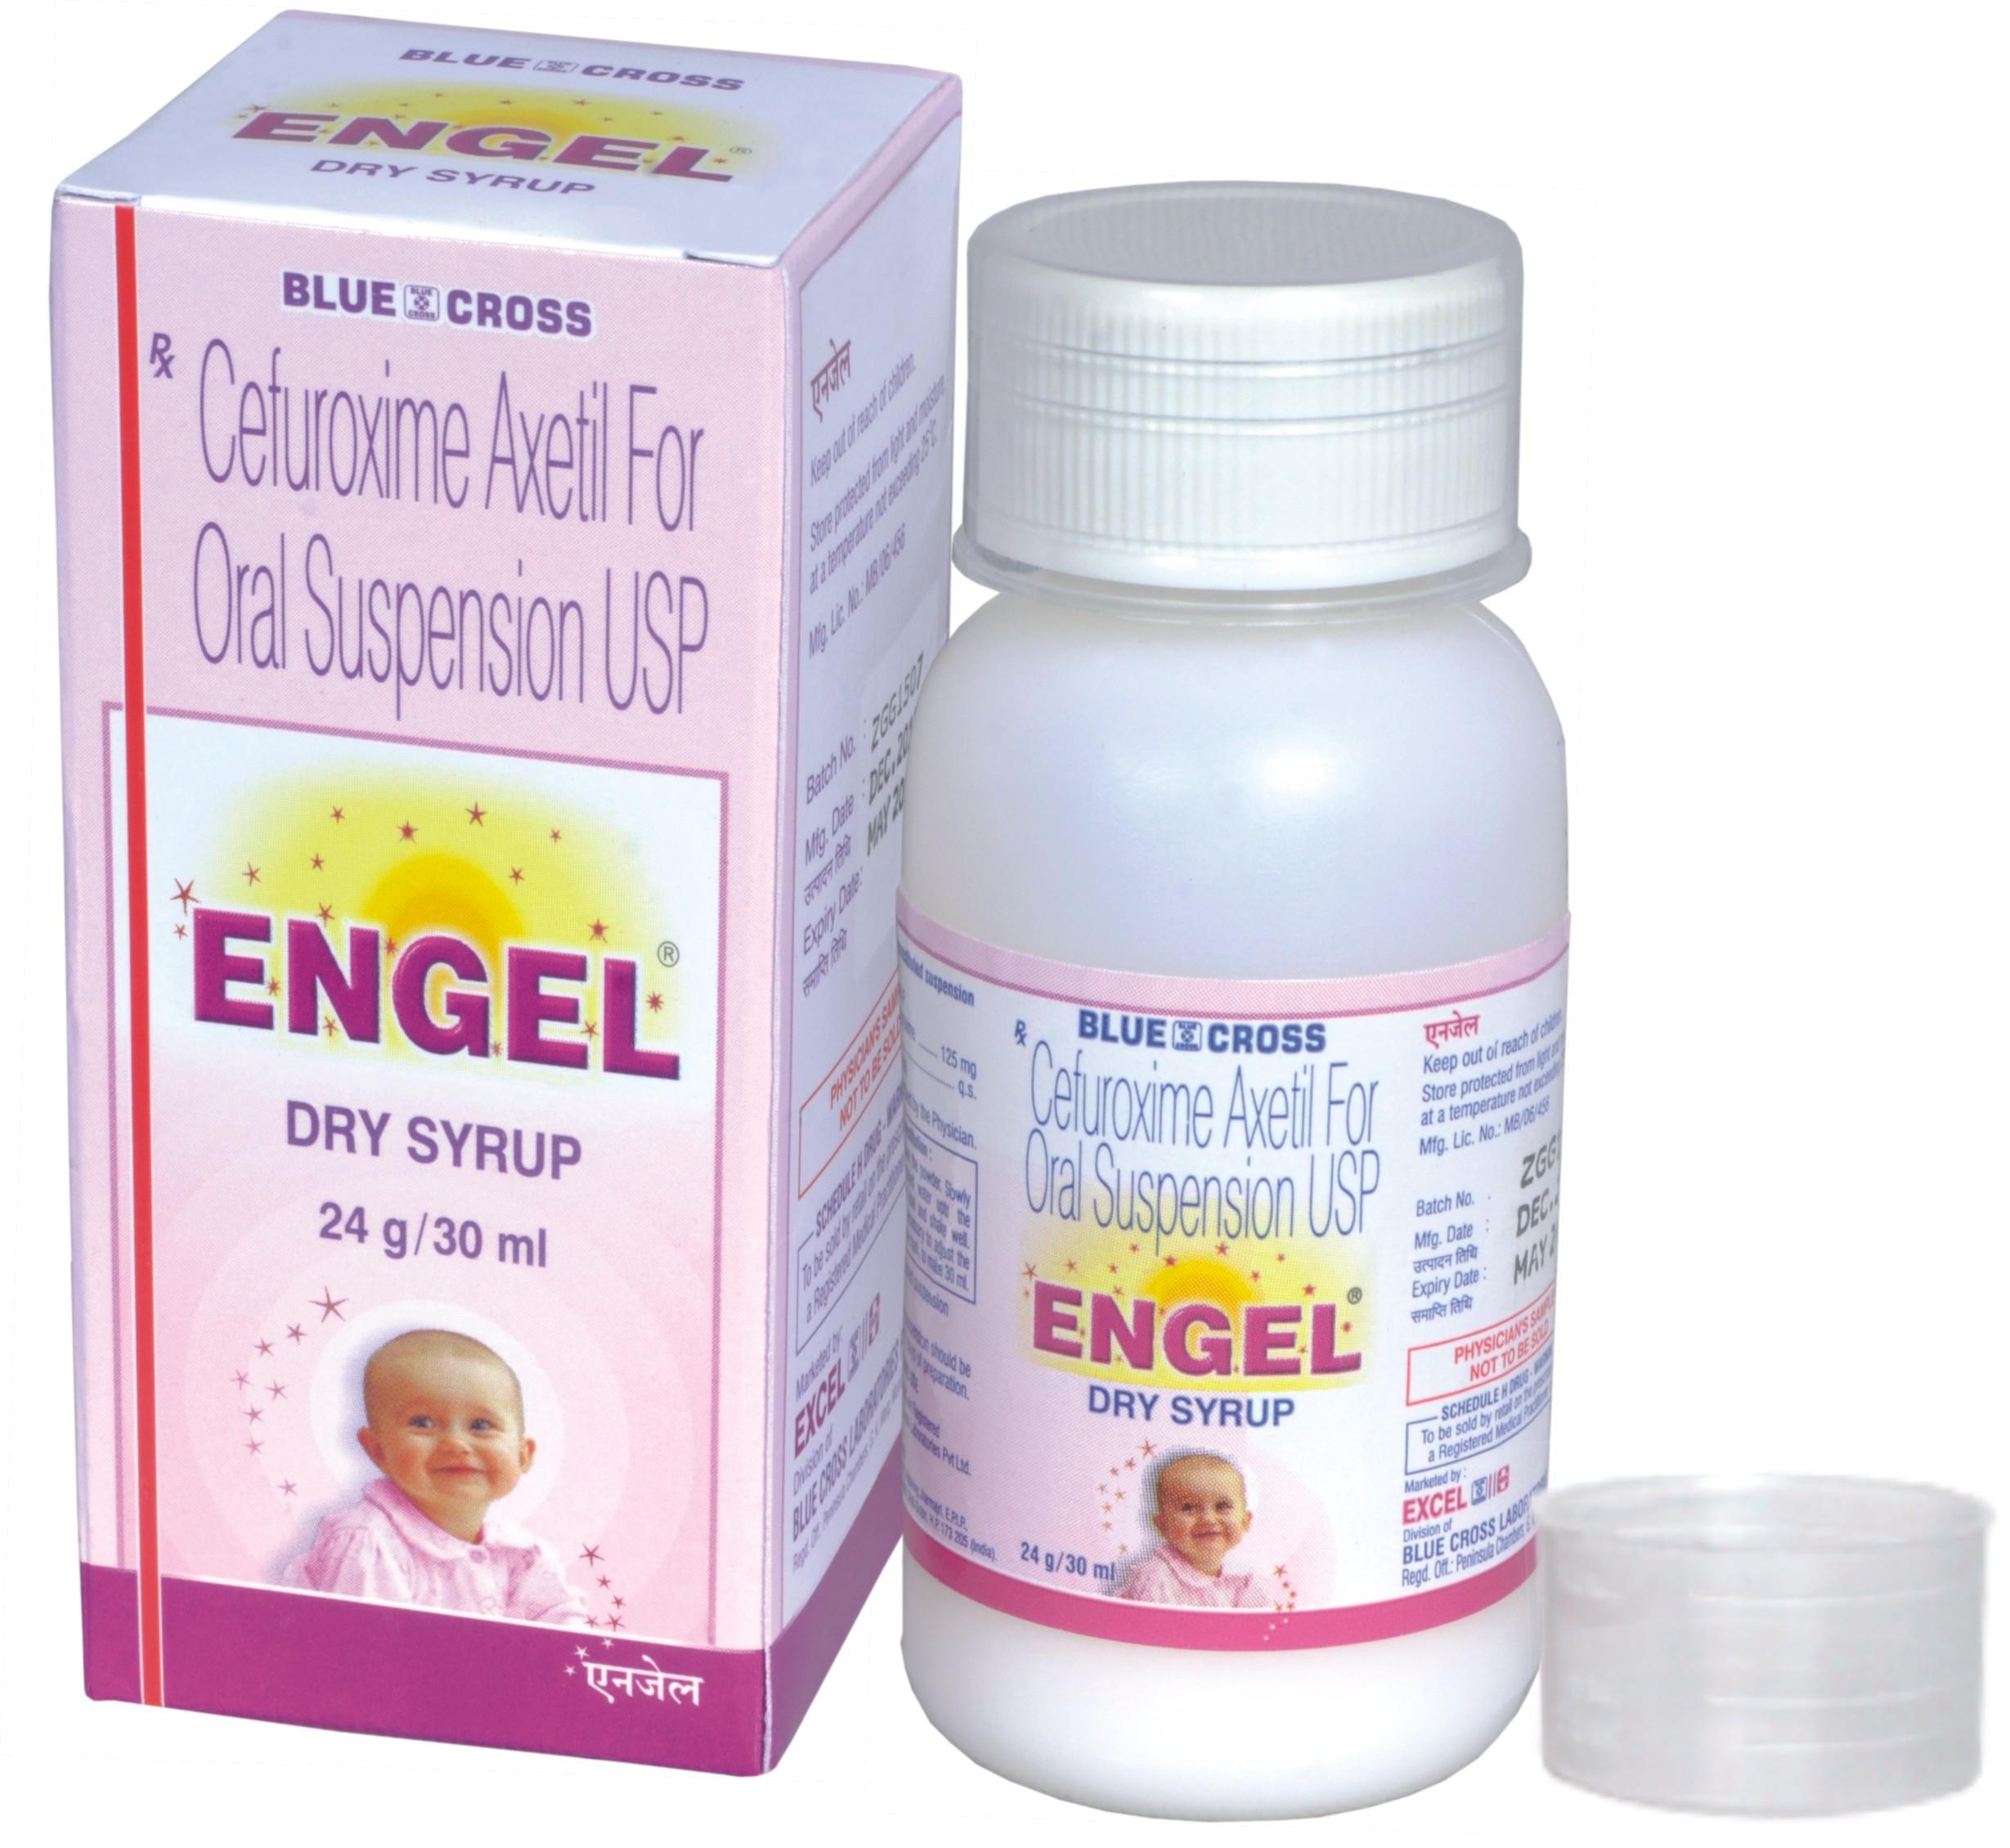 Engel Dry Syp